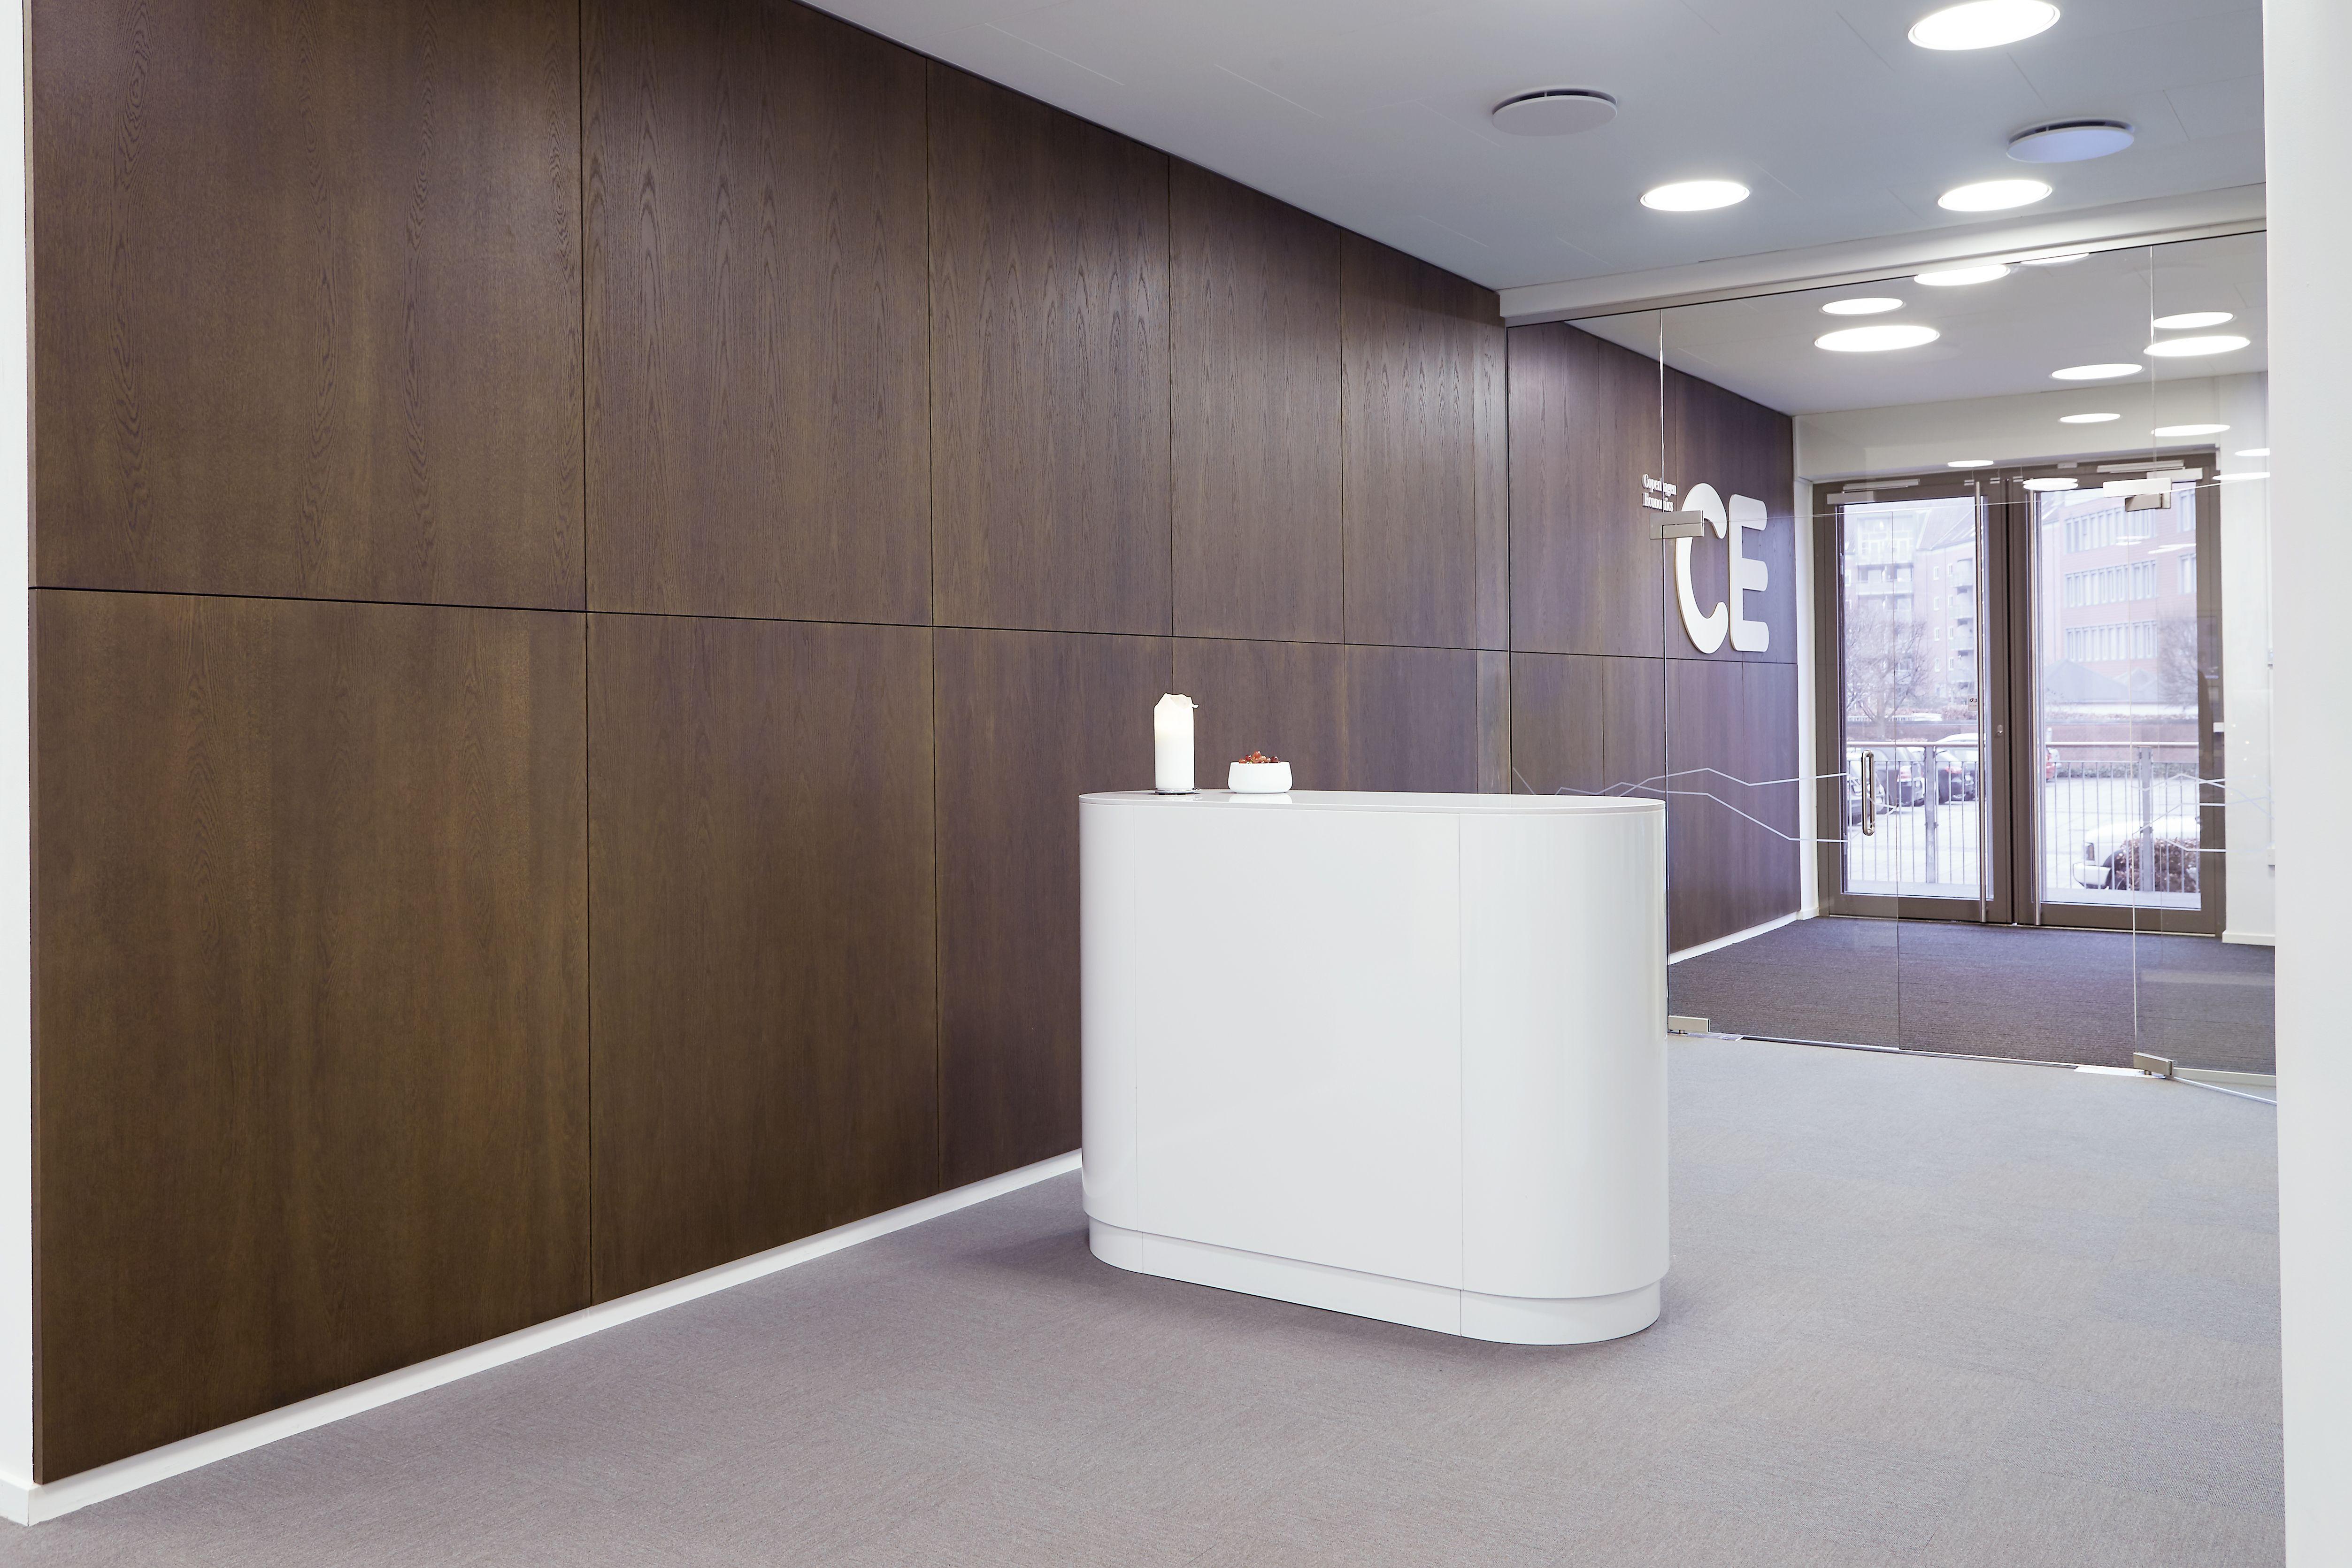 small office reception desk. Small Office Reception Area. Desk